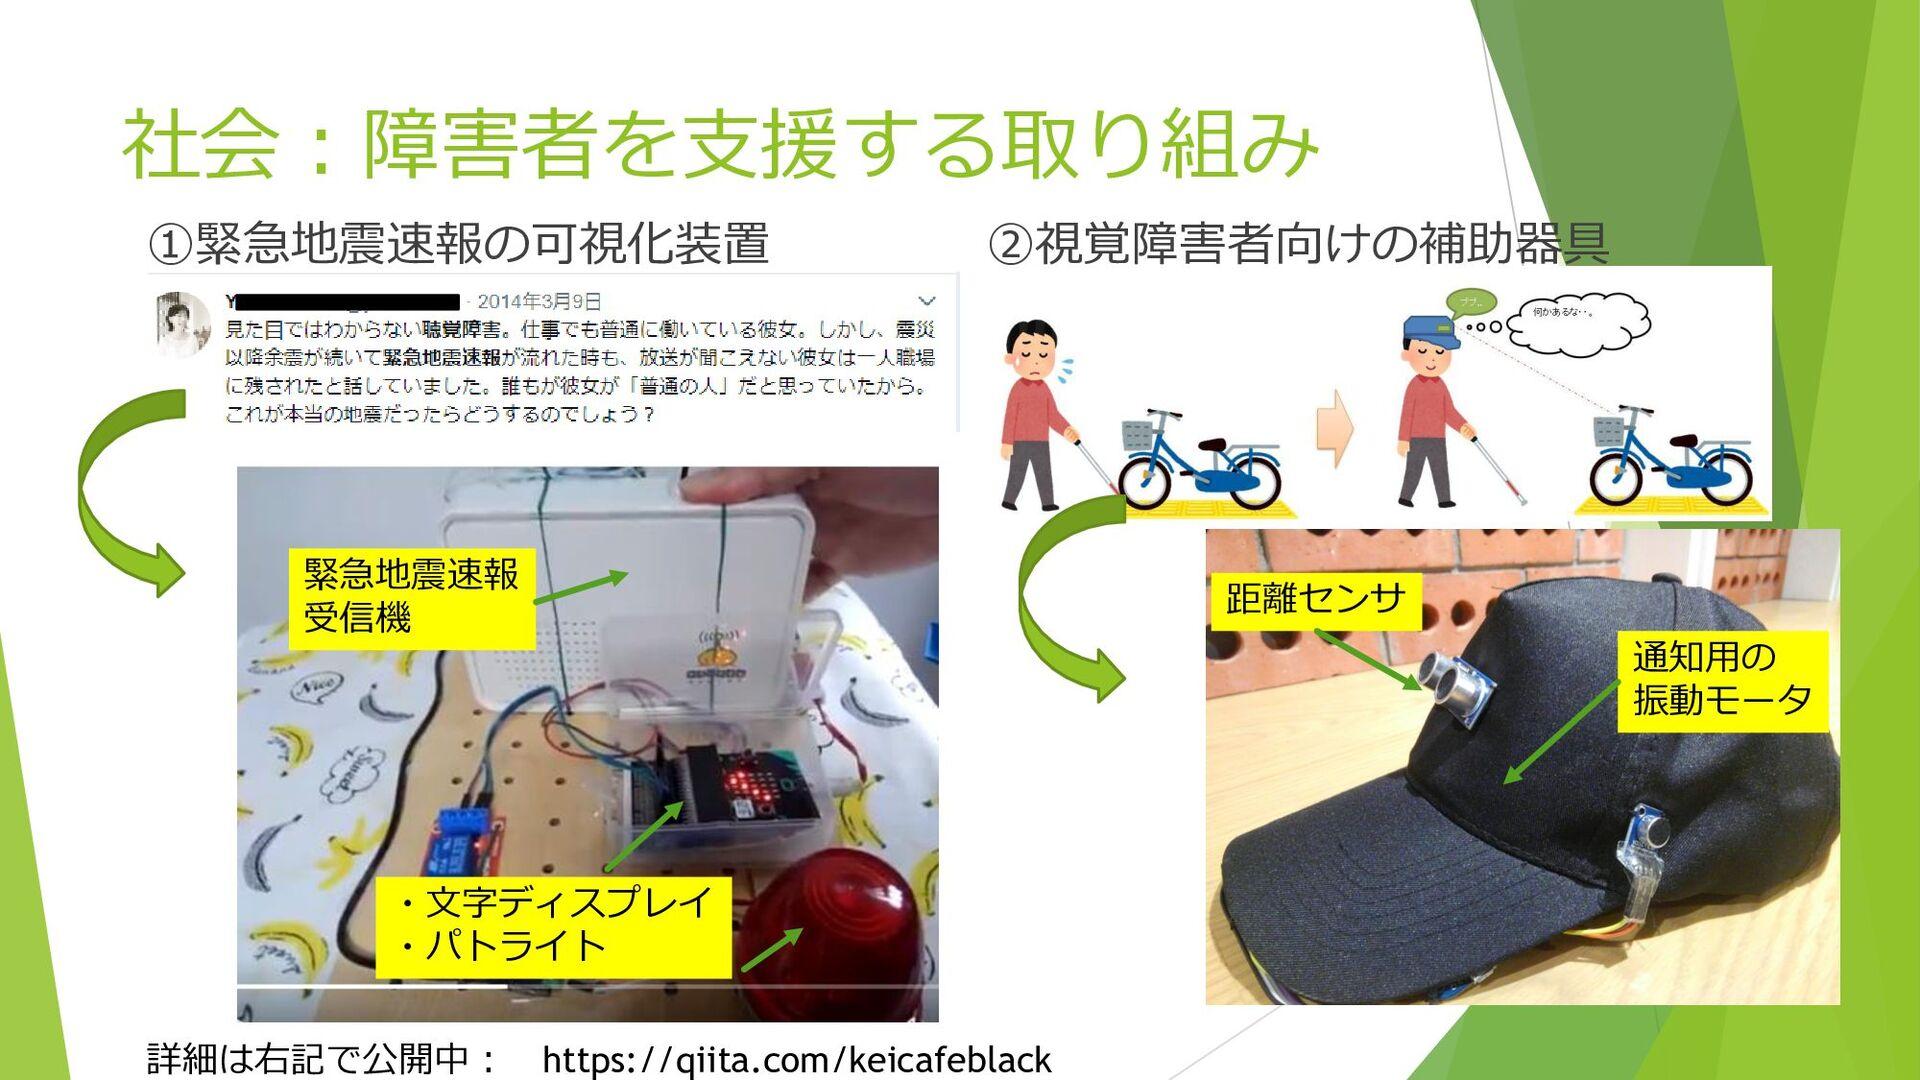 社会:障害者を支援する取り組み ①緊急地震速報の可視化装置 ②視覚障害者向けの補助器具 緊急地...